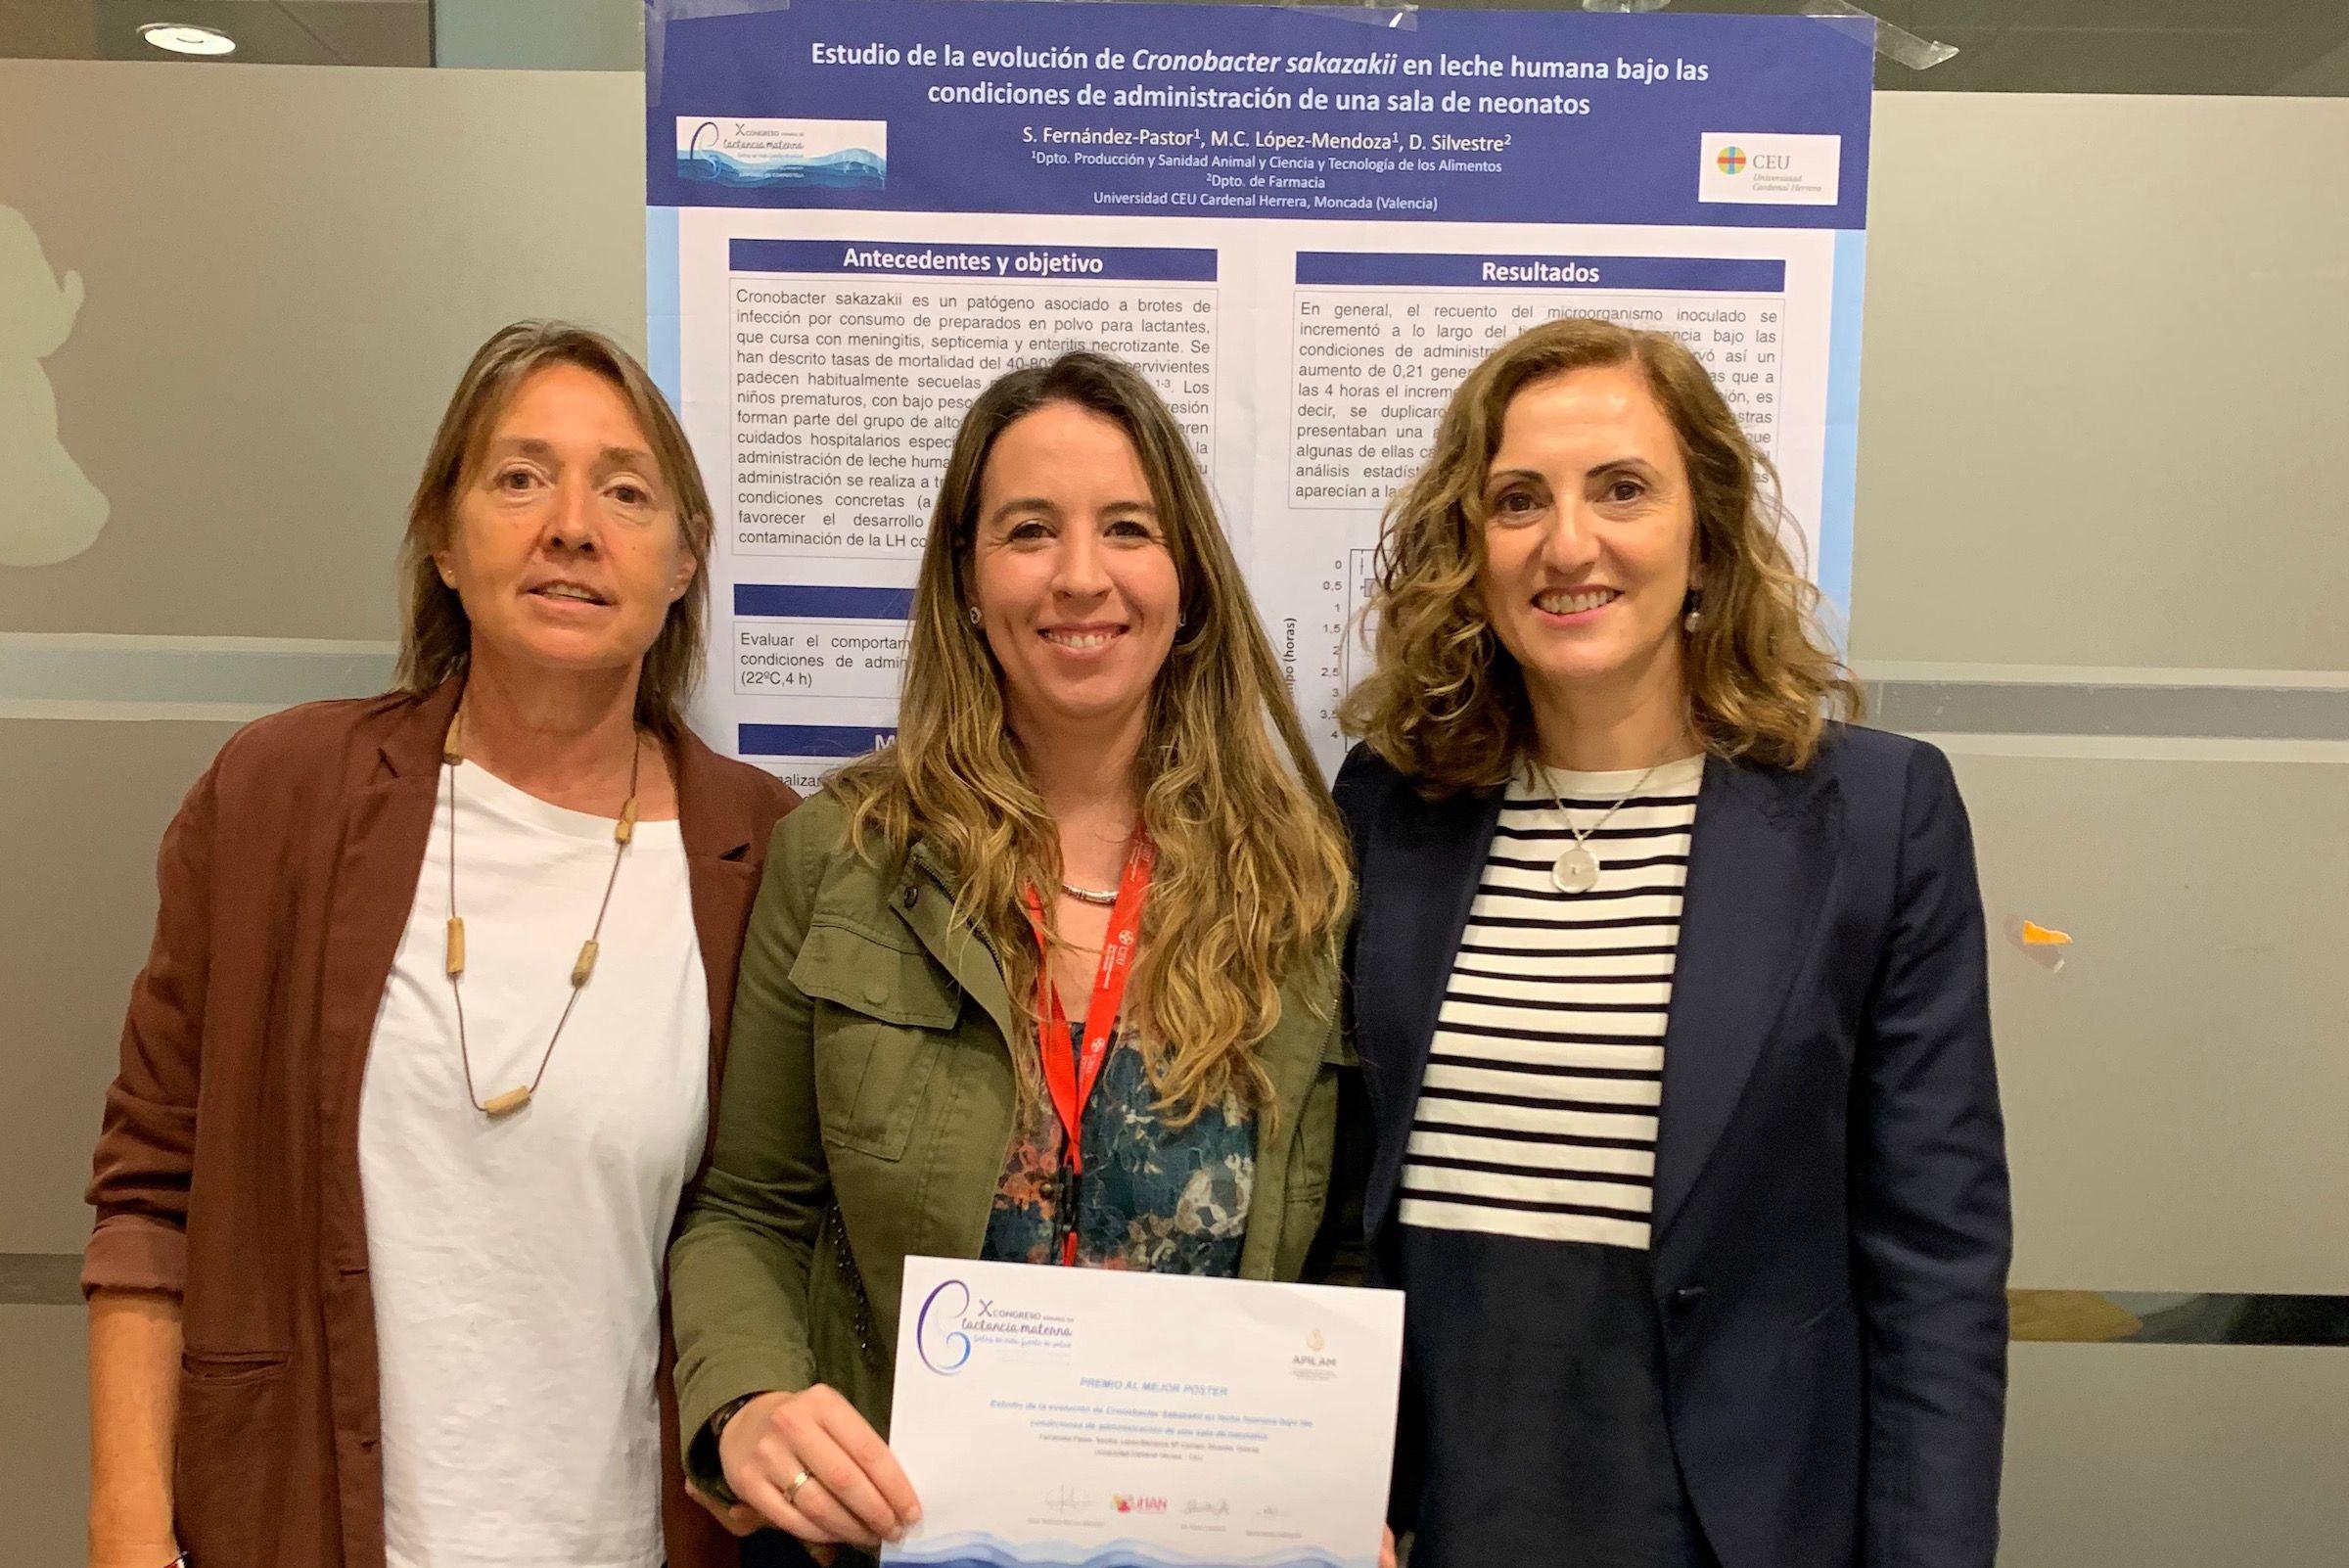 Las investigadoras de la CEU UCH Dolores Silvestre, Sandra Fernández y Mari Carmen López, autoras del estudio premiado en el X Congreso Español de Lactancia Materna.